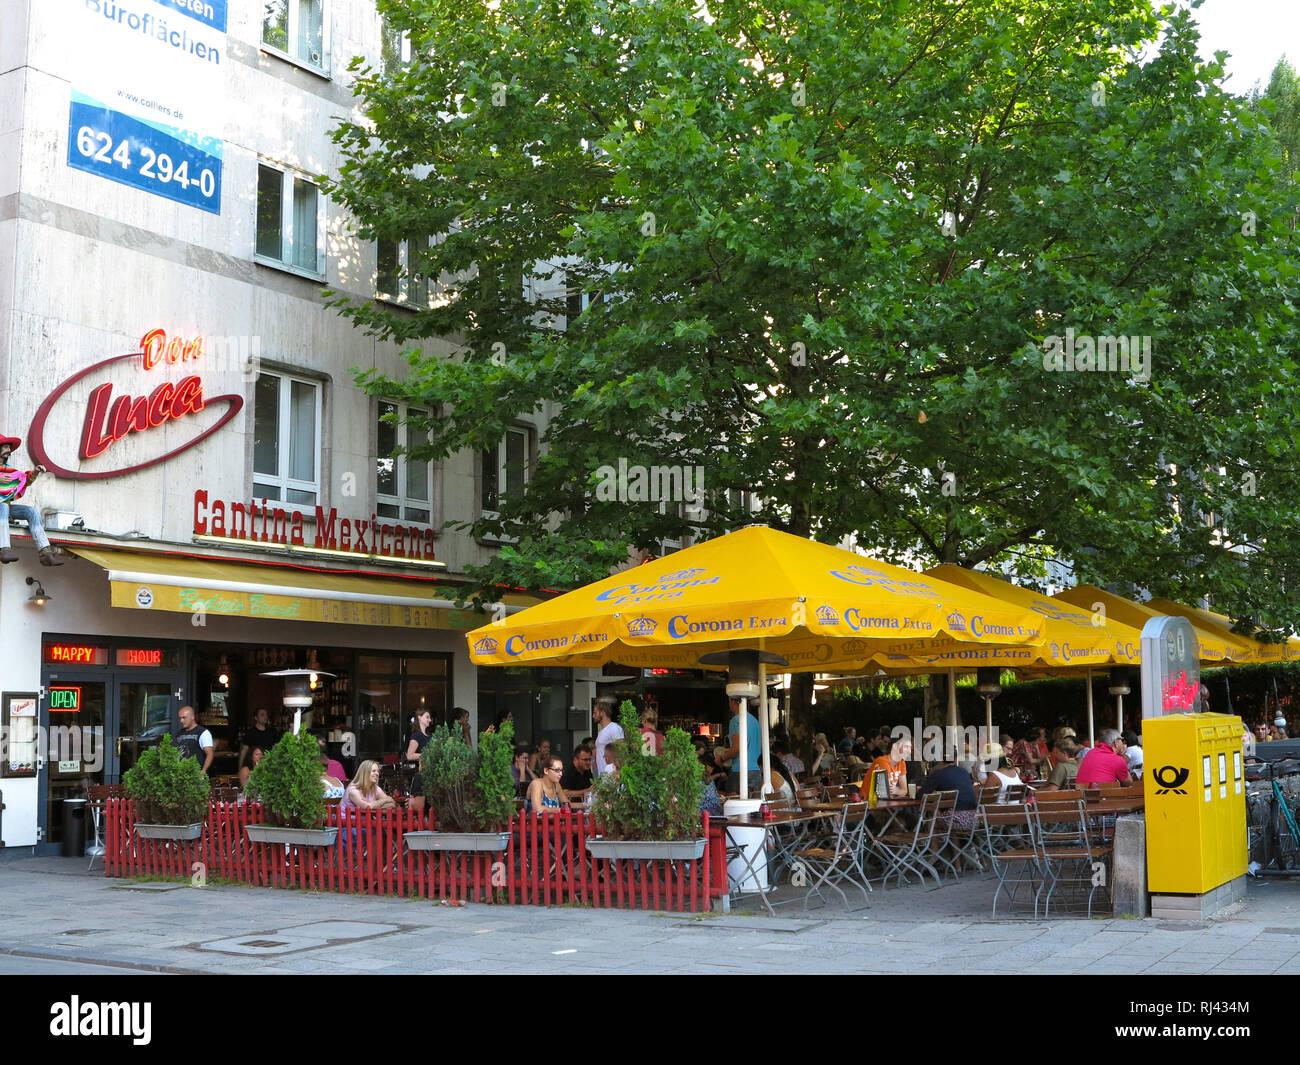 Deutschland, Oberbayern, M?nchen, Schwabing, Leopoldstra?e, Restaurant, - Stock Image